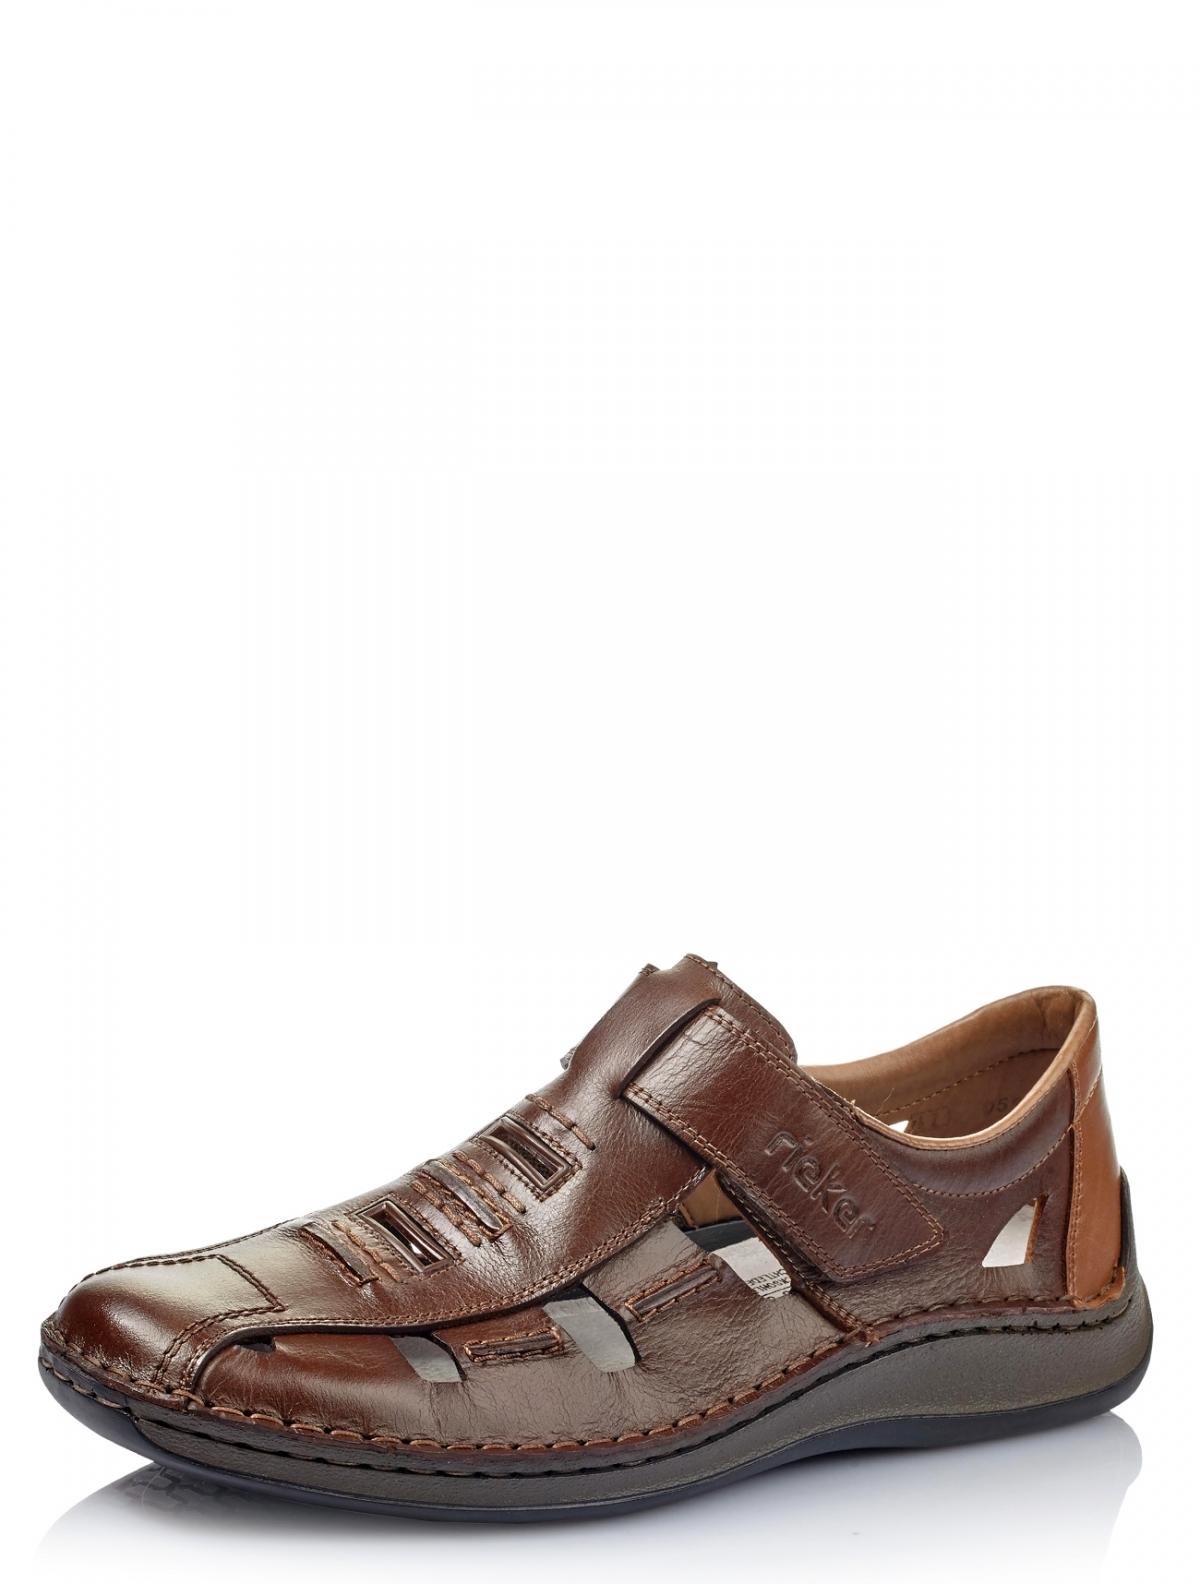 Rieker 05283-25 мужские туфли